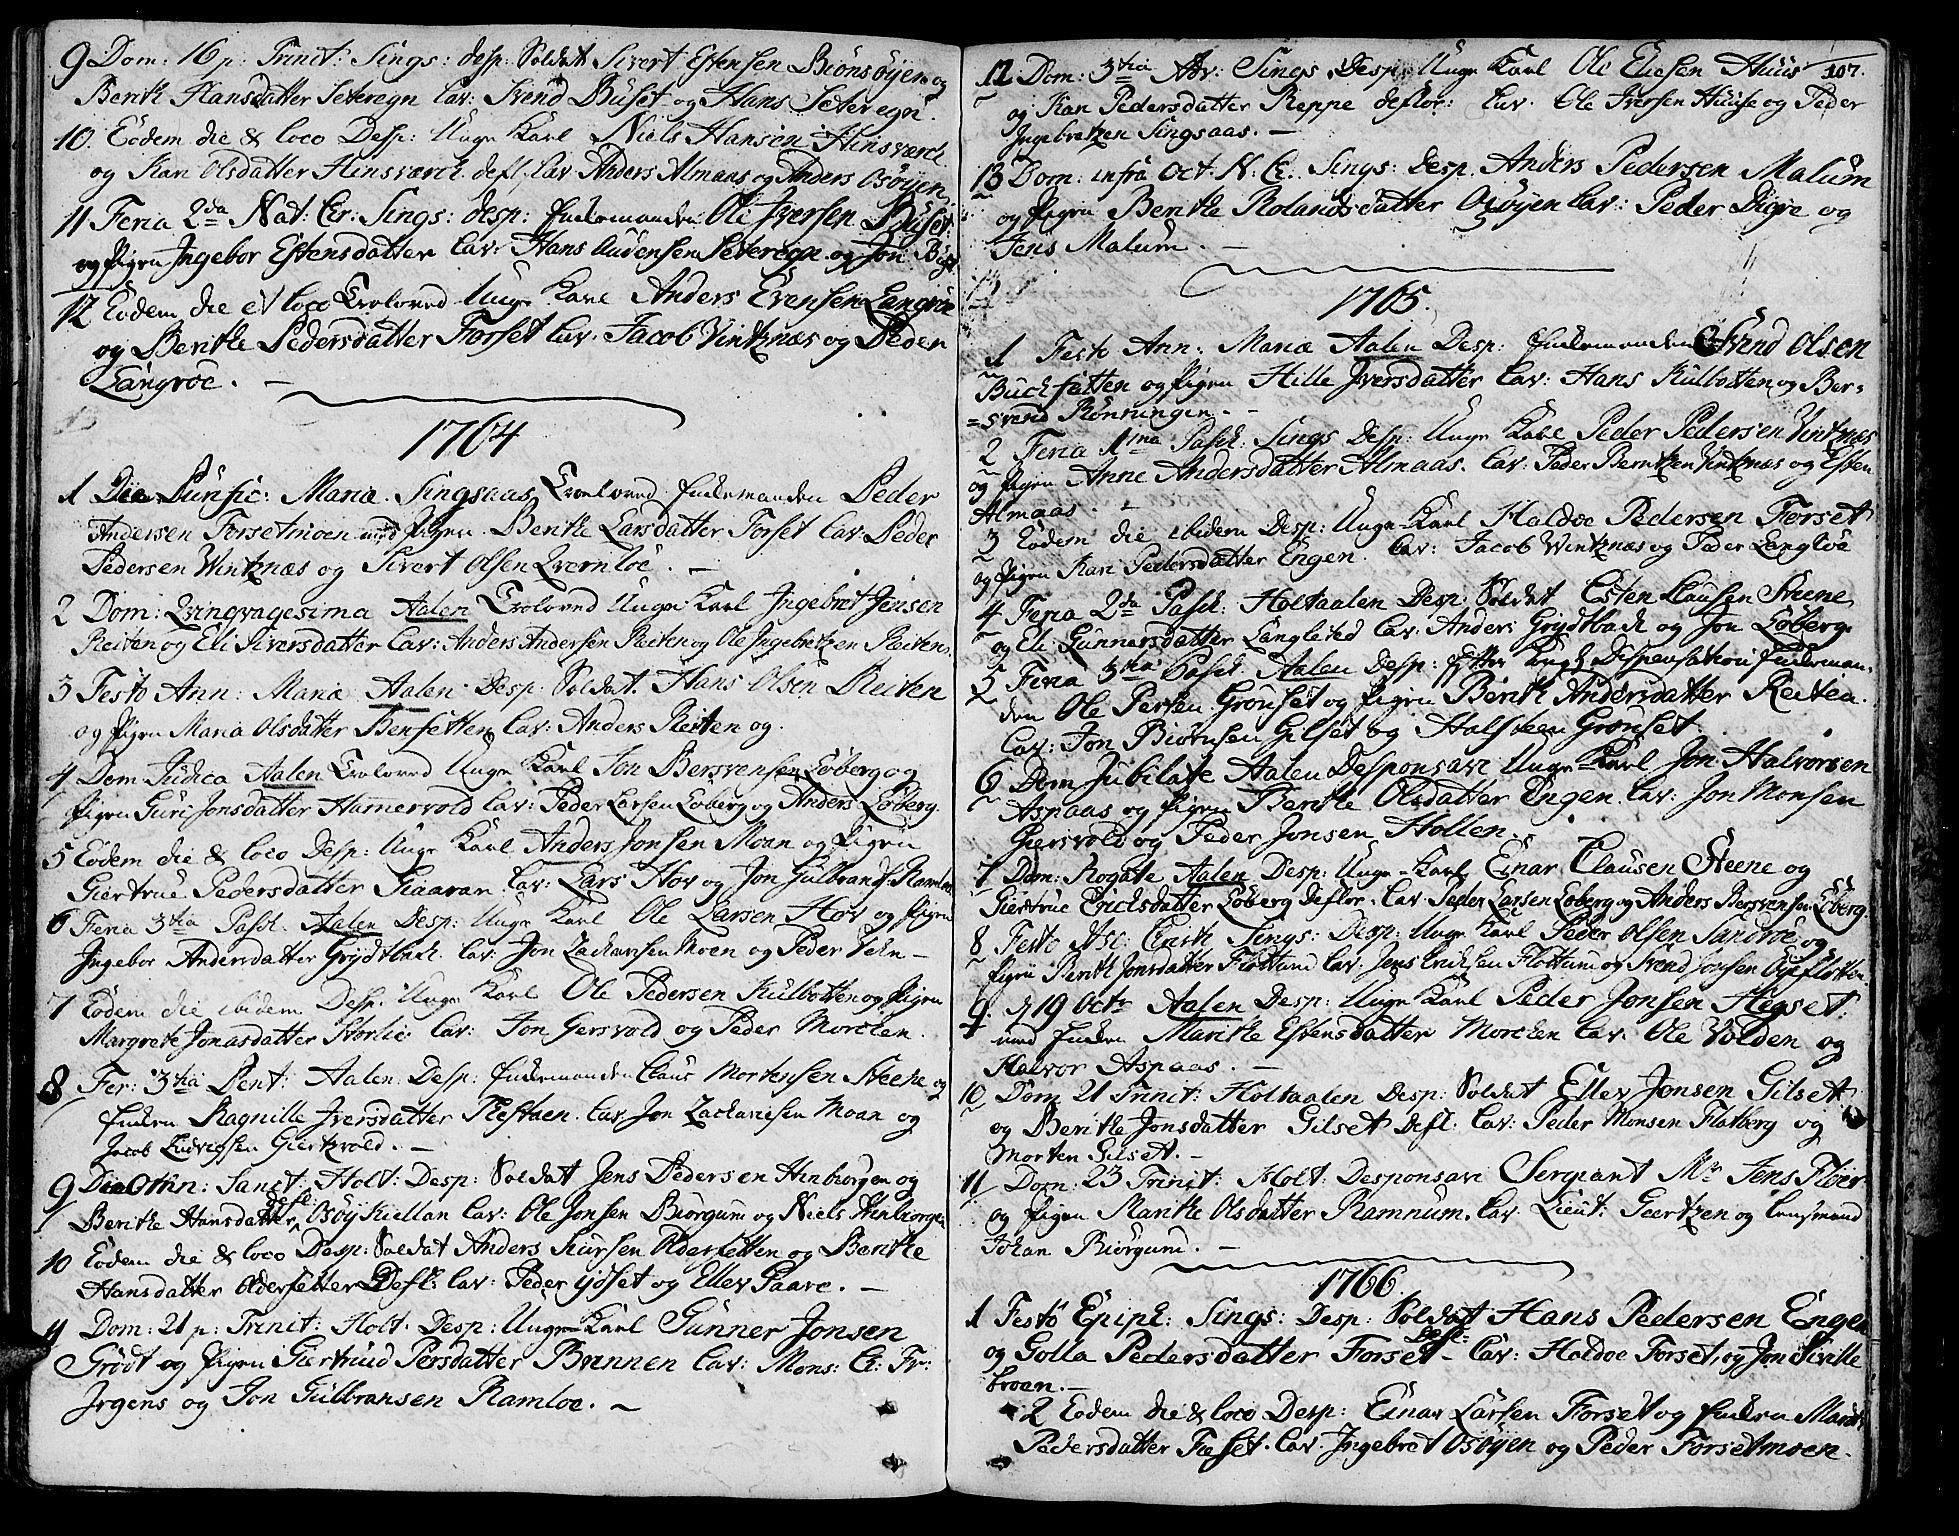 SAT, Ministerialprotokoller, klokkerbøker og fødselsregistre - Sør-Trøndelag, 685/L0952: Ministerialbok nr. 685A01, 1745-1804, s. 107